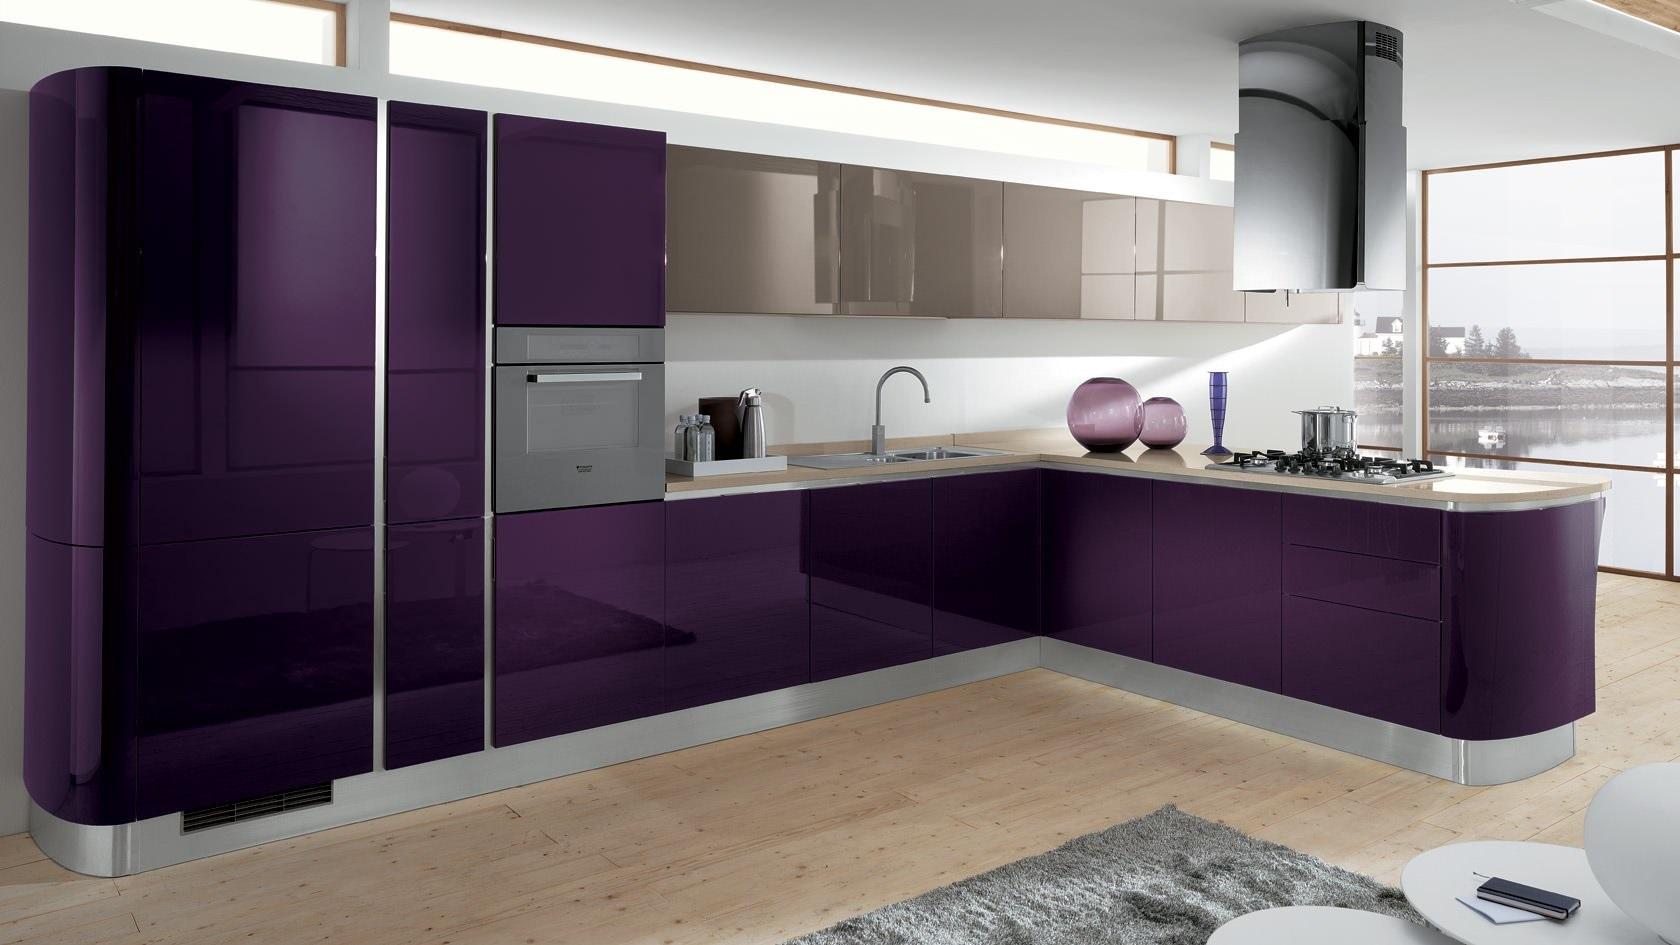 сочетание пурпурного с серым на кухне